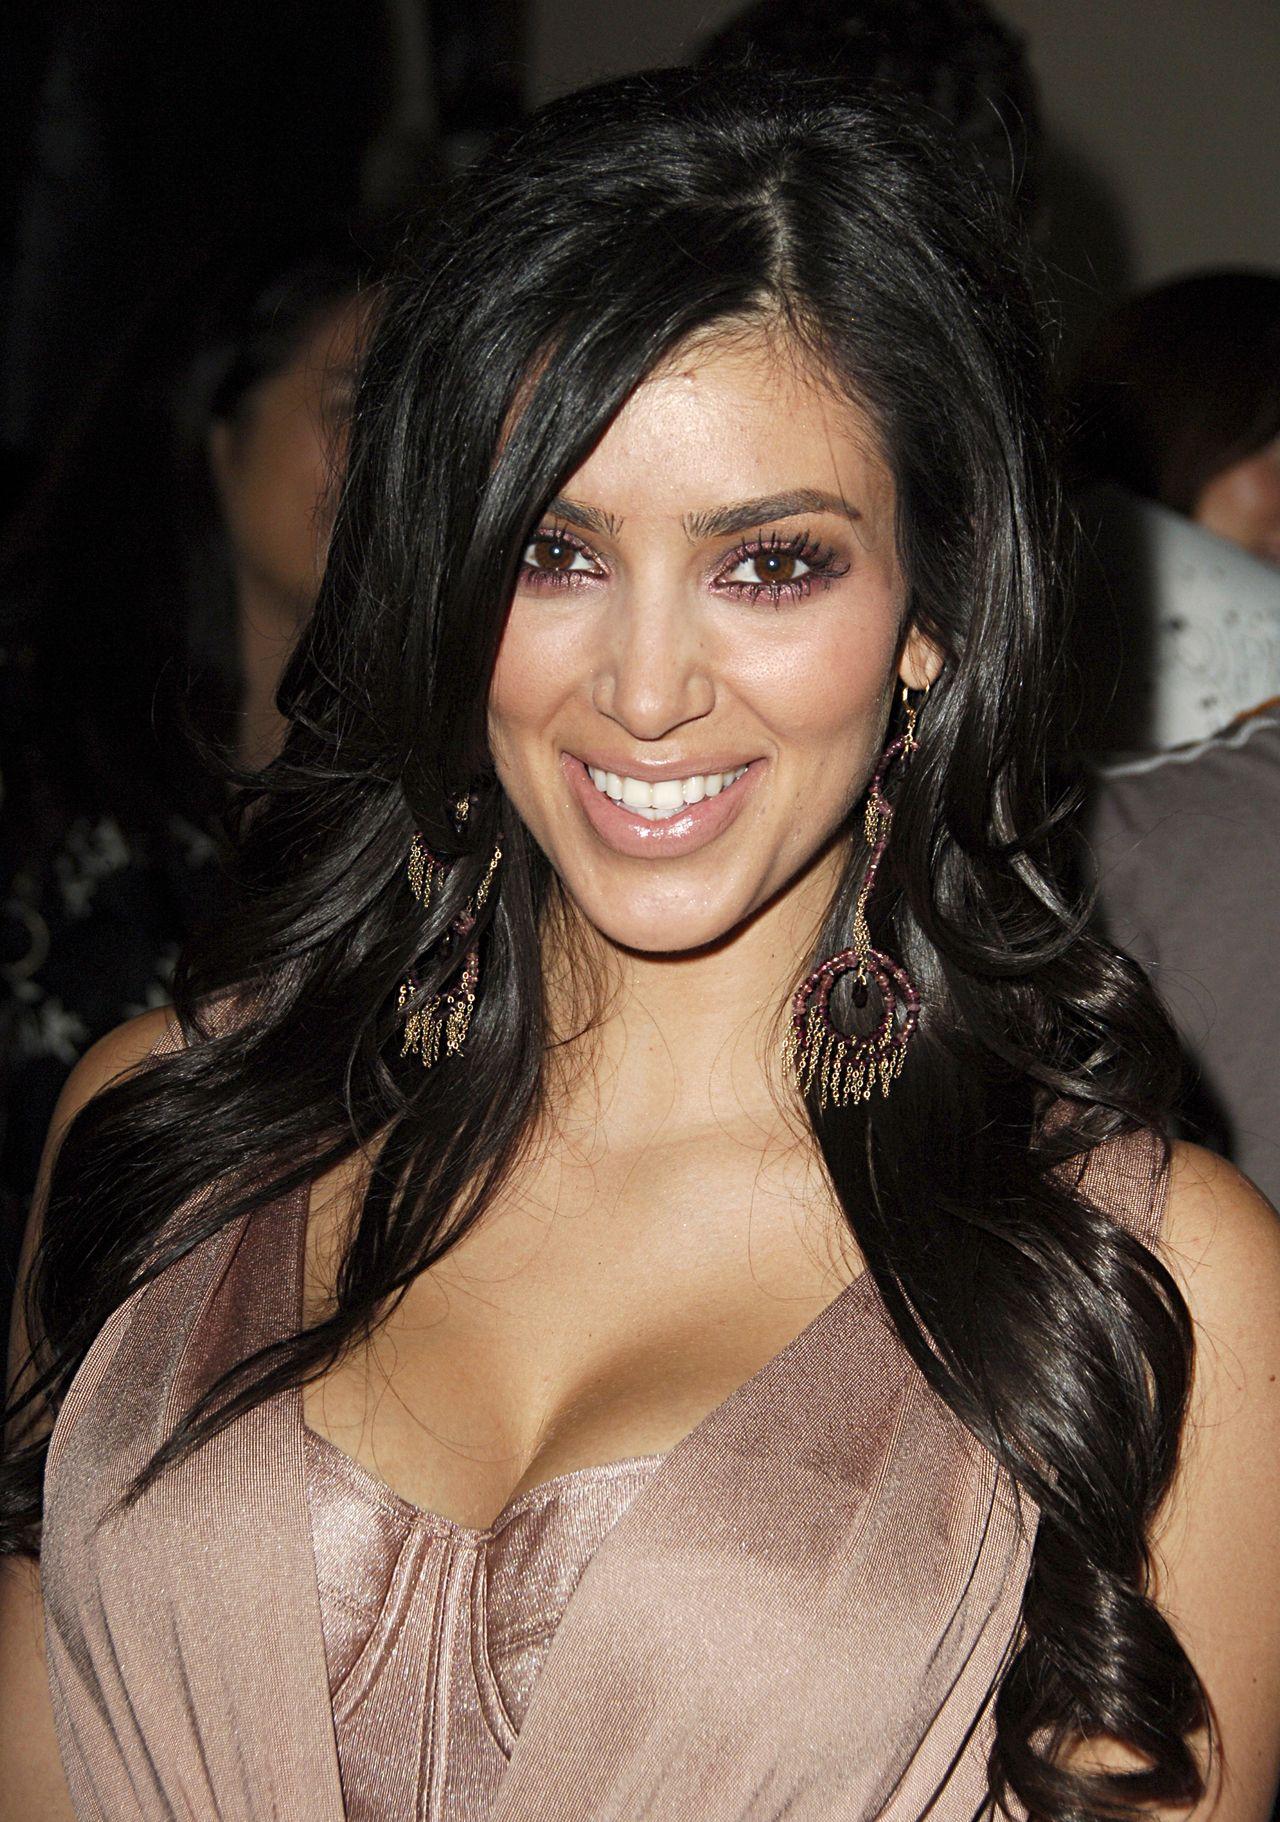 Ringlets Old Photos Of Kim Kardashian Kim Kardashian Kim Kardashian Outfits Kardashian